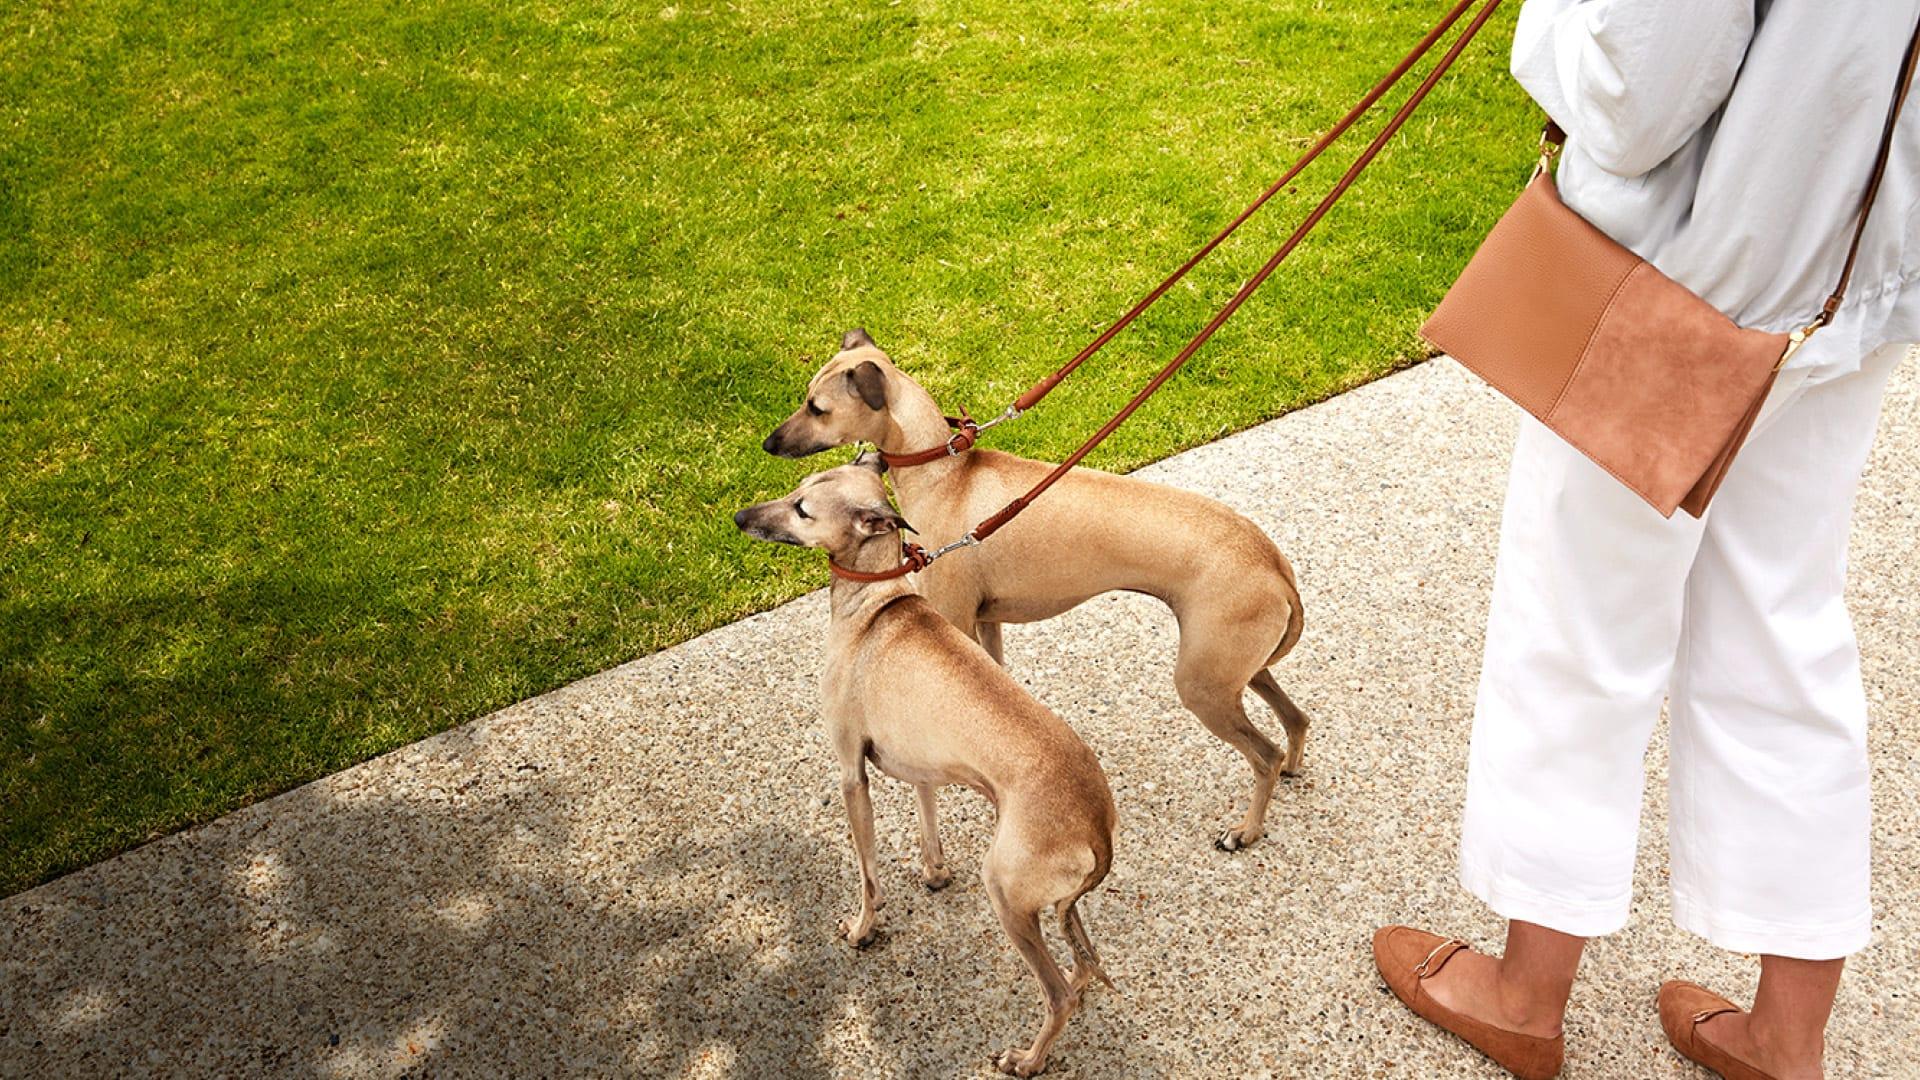 Pet friendly palaces: Four Melbourne apartments perfect for pets